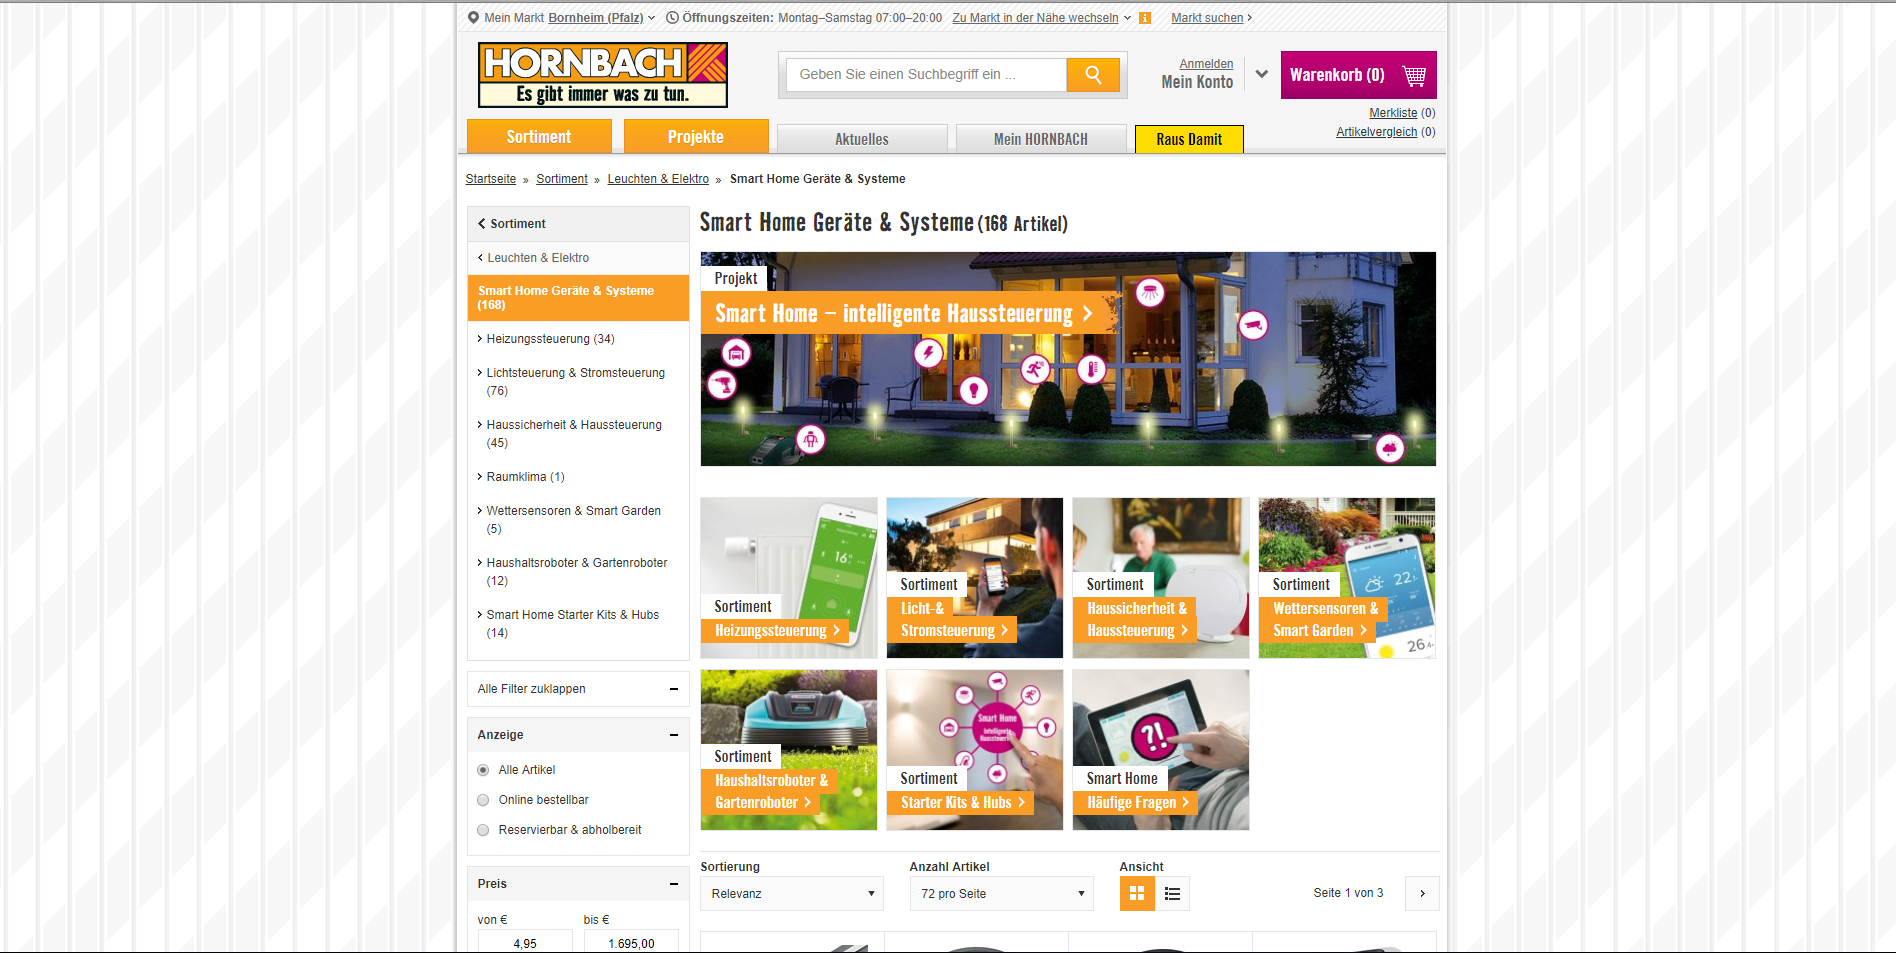 alternativen zu hornbach smart home die besten hornbach smart home alternativen 2018. Black Bedroom Furniture Sets. Home Design Ideas